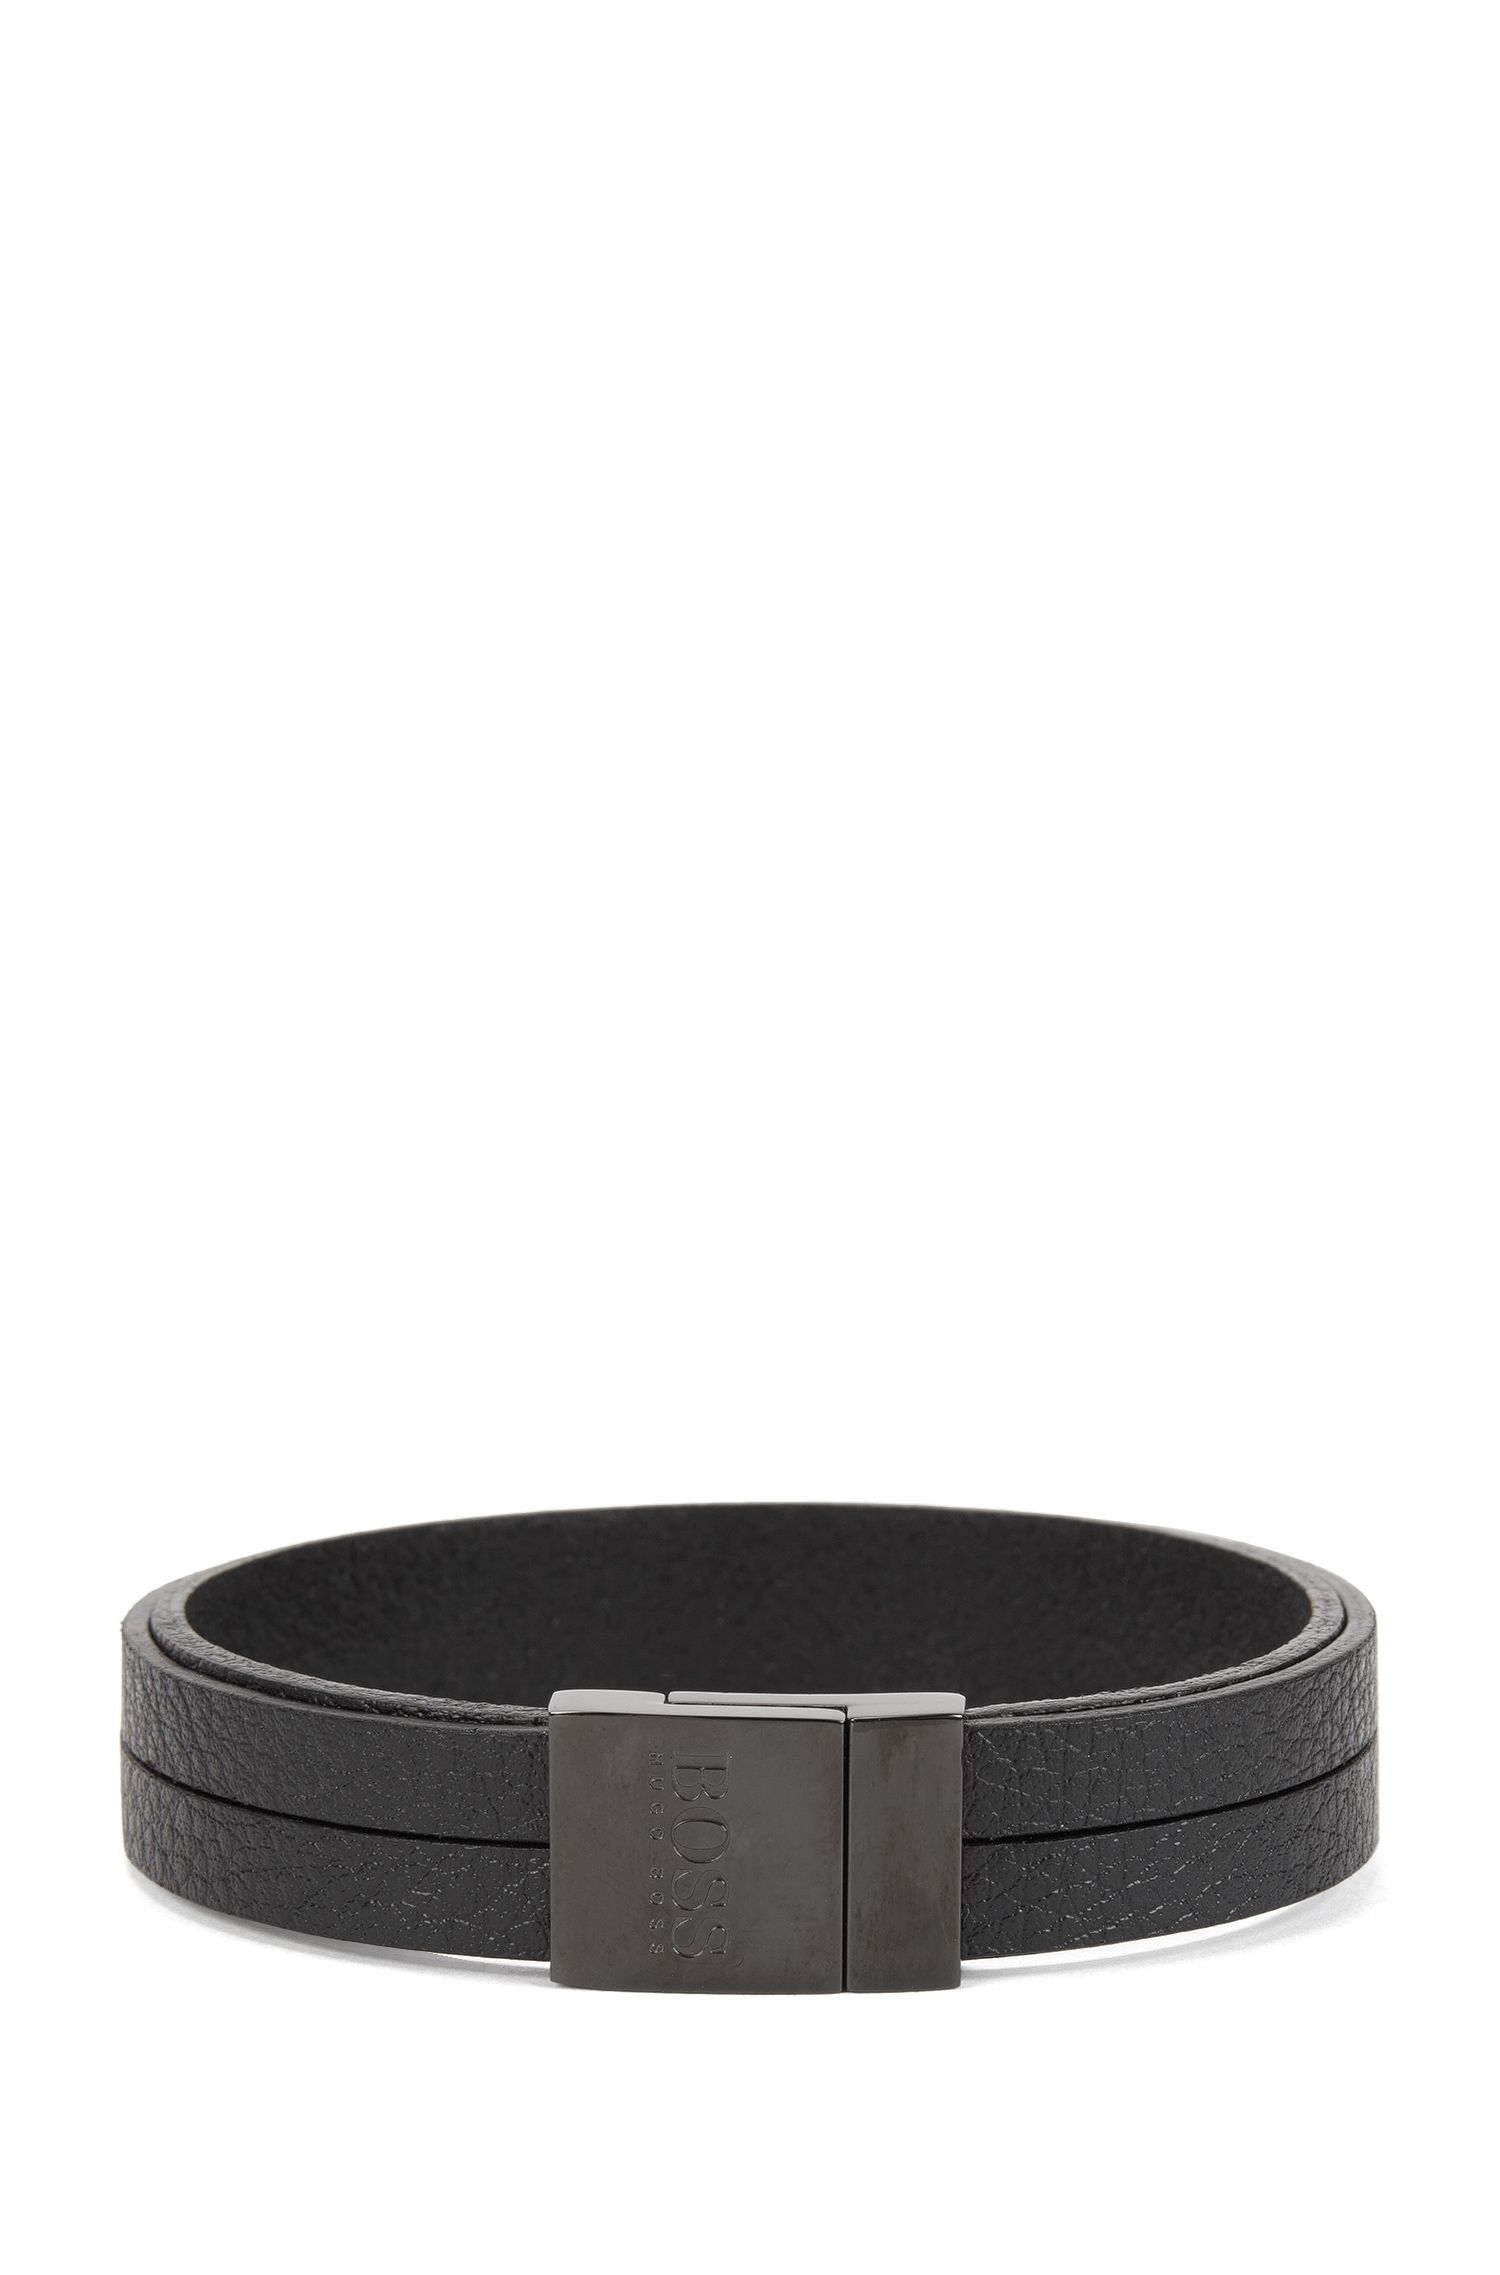 Braided Leather Bracelet | Bastiano